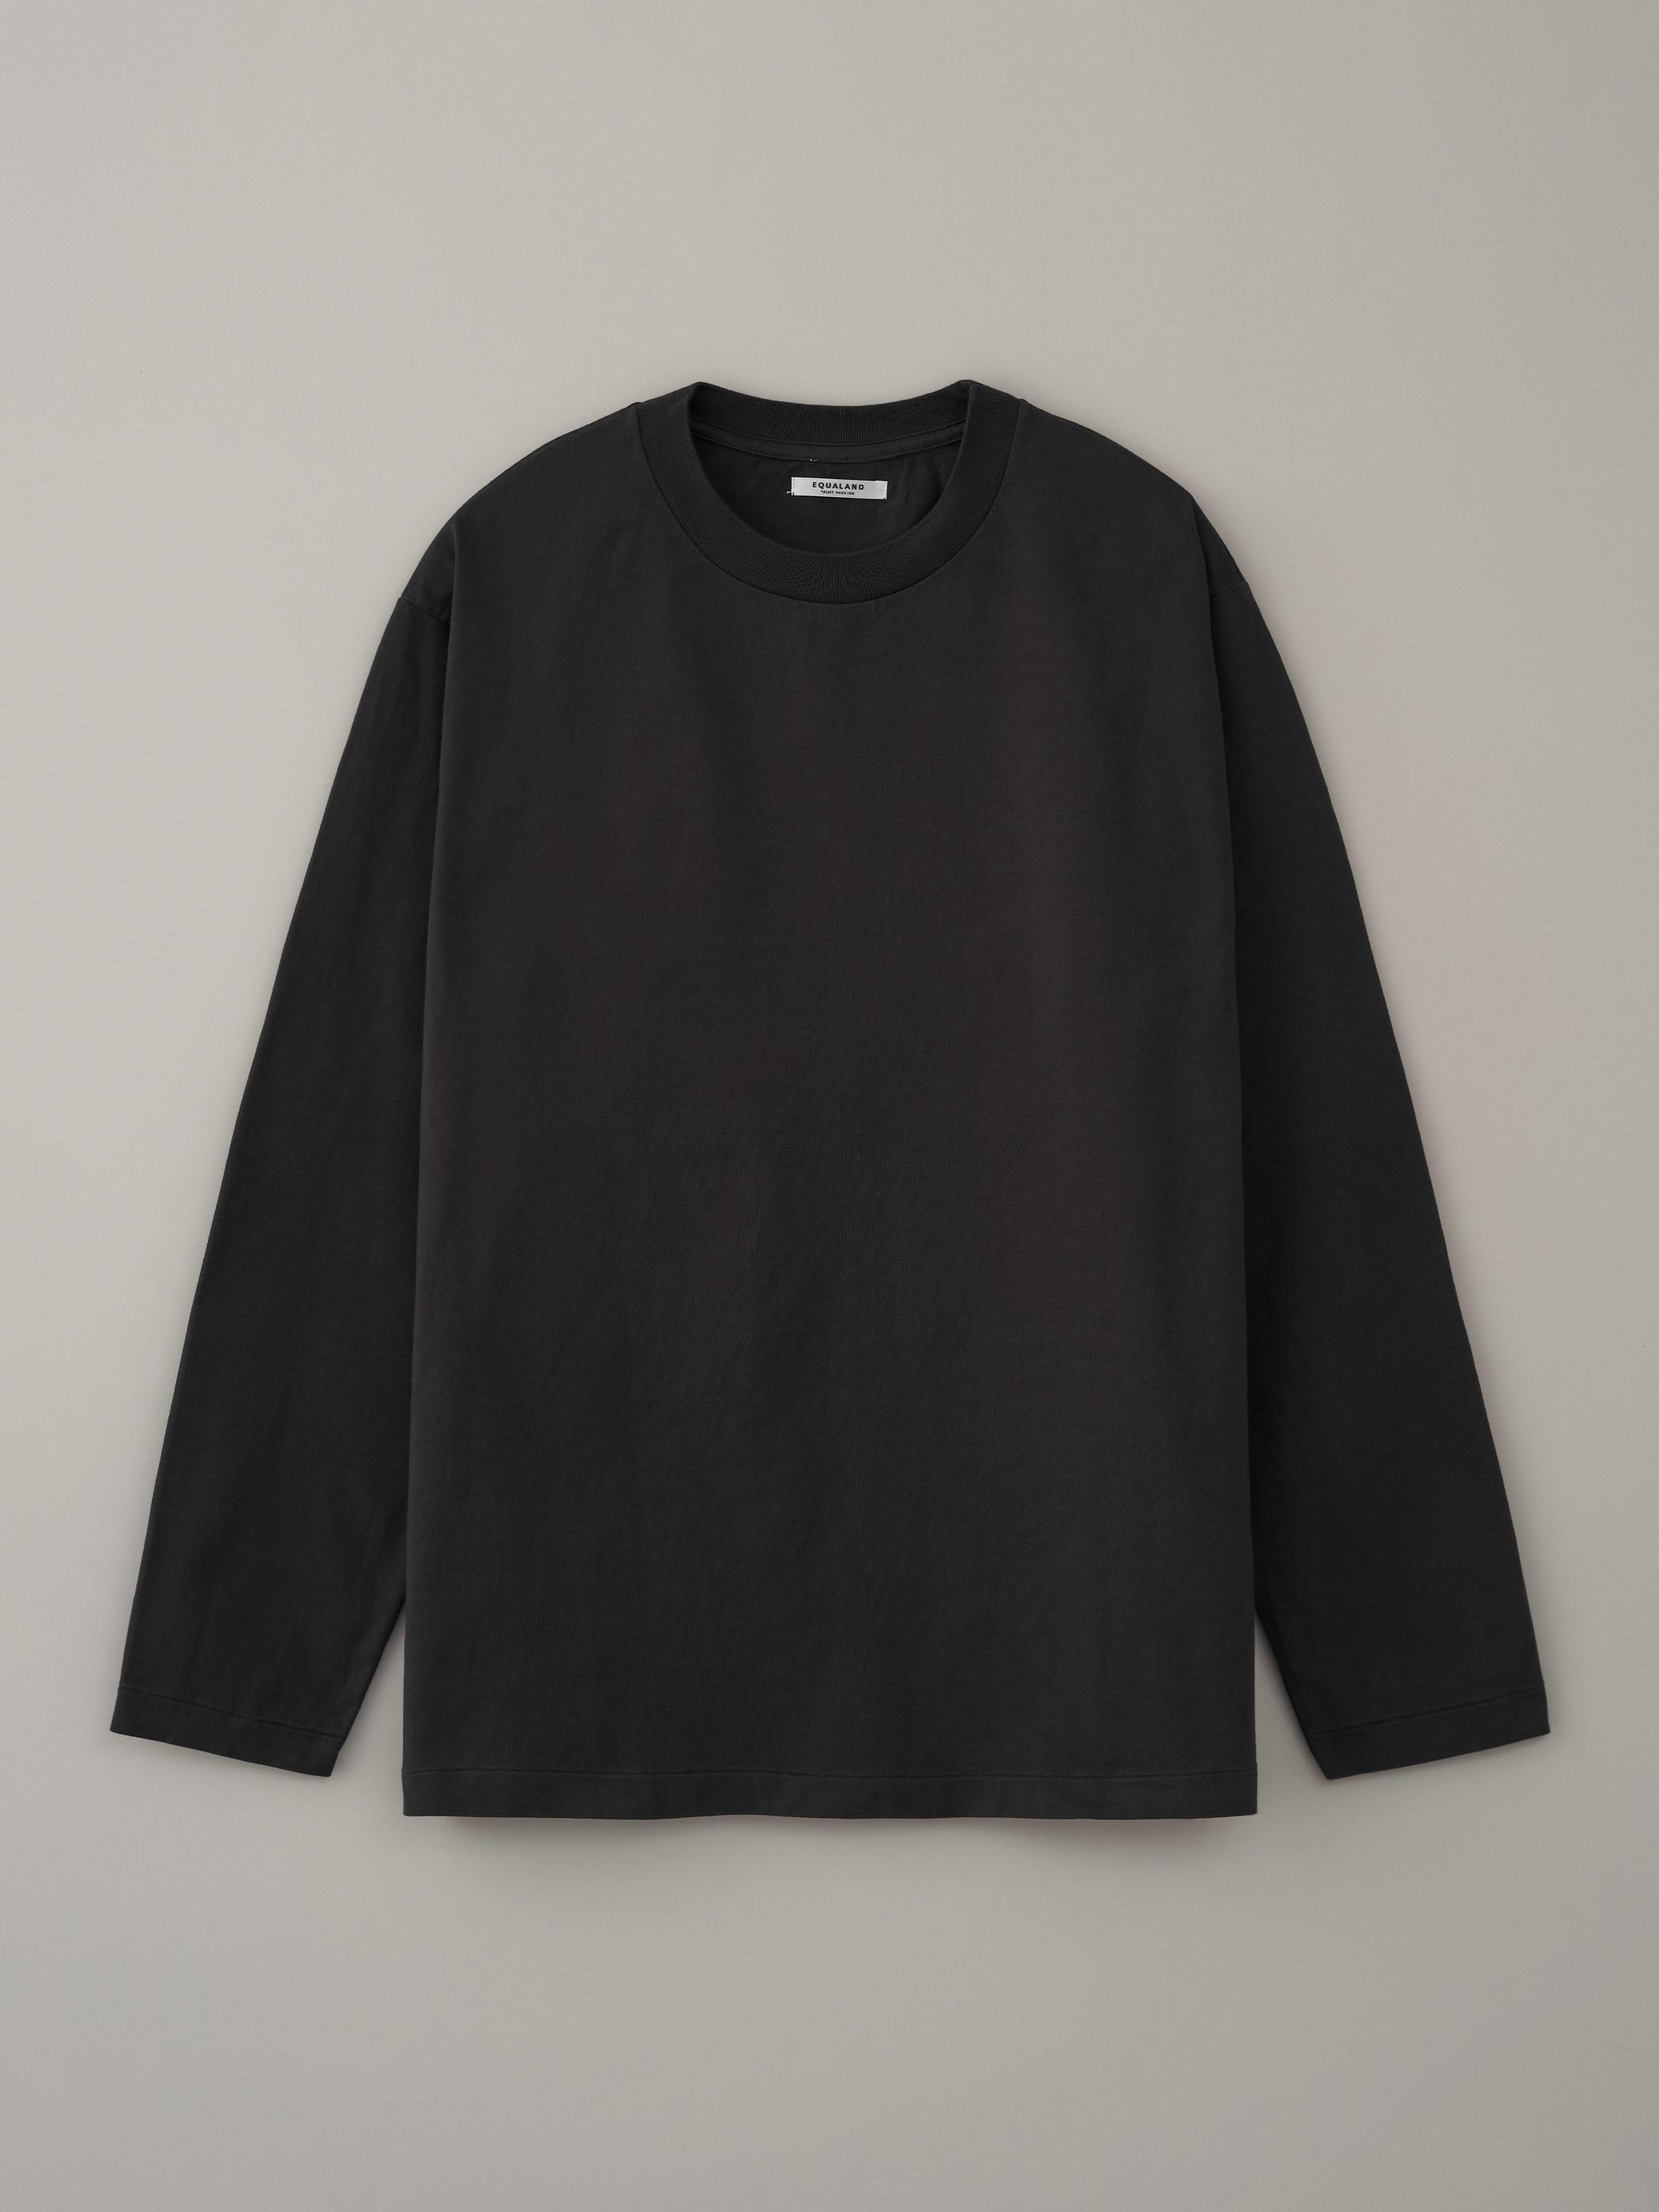 丸胴ロングスリーブTシャツ #11チャーガ